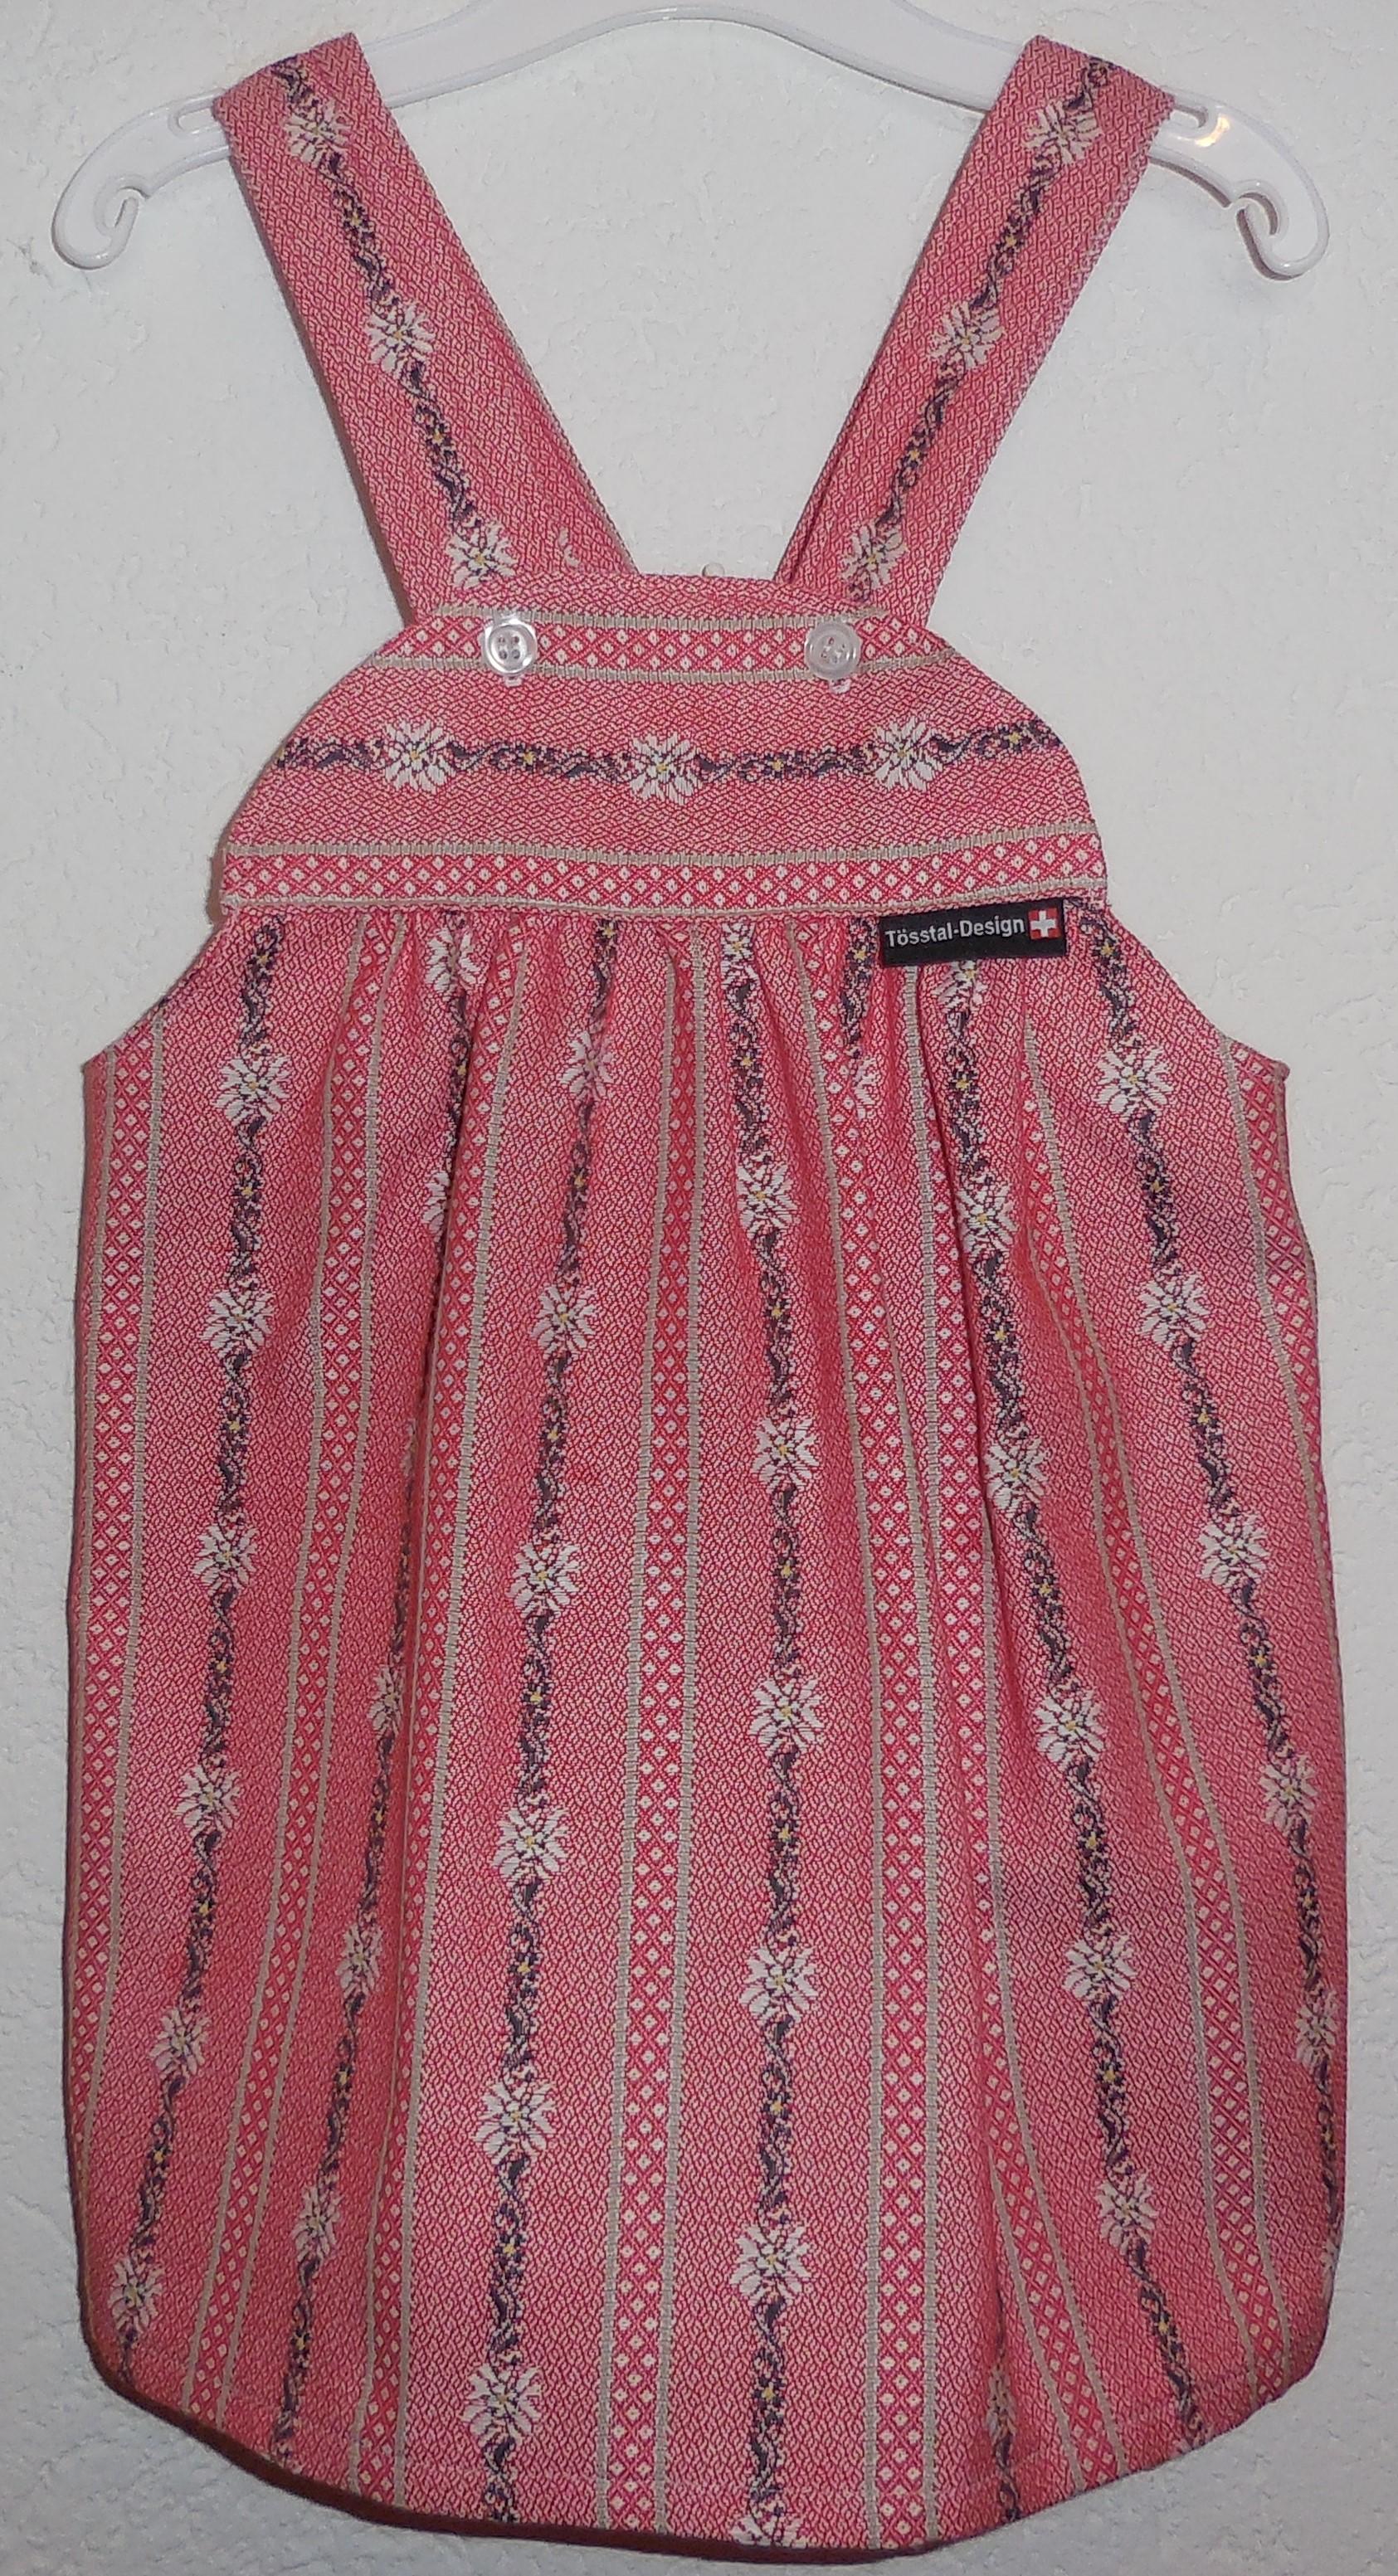 Trägerrock Edelweiss hellrot & dunkelrot, Tösstal-Design